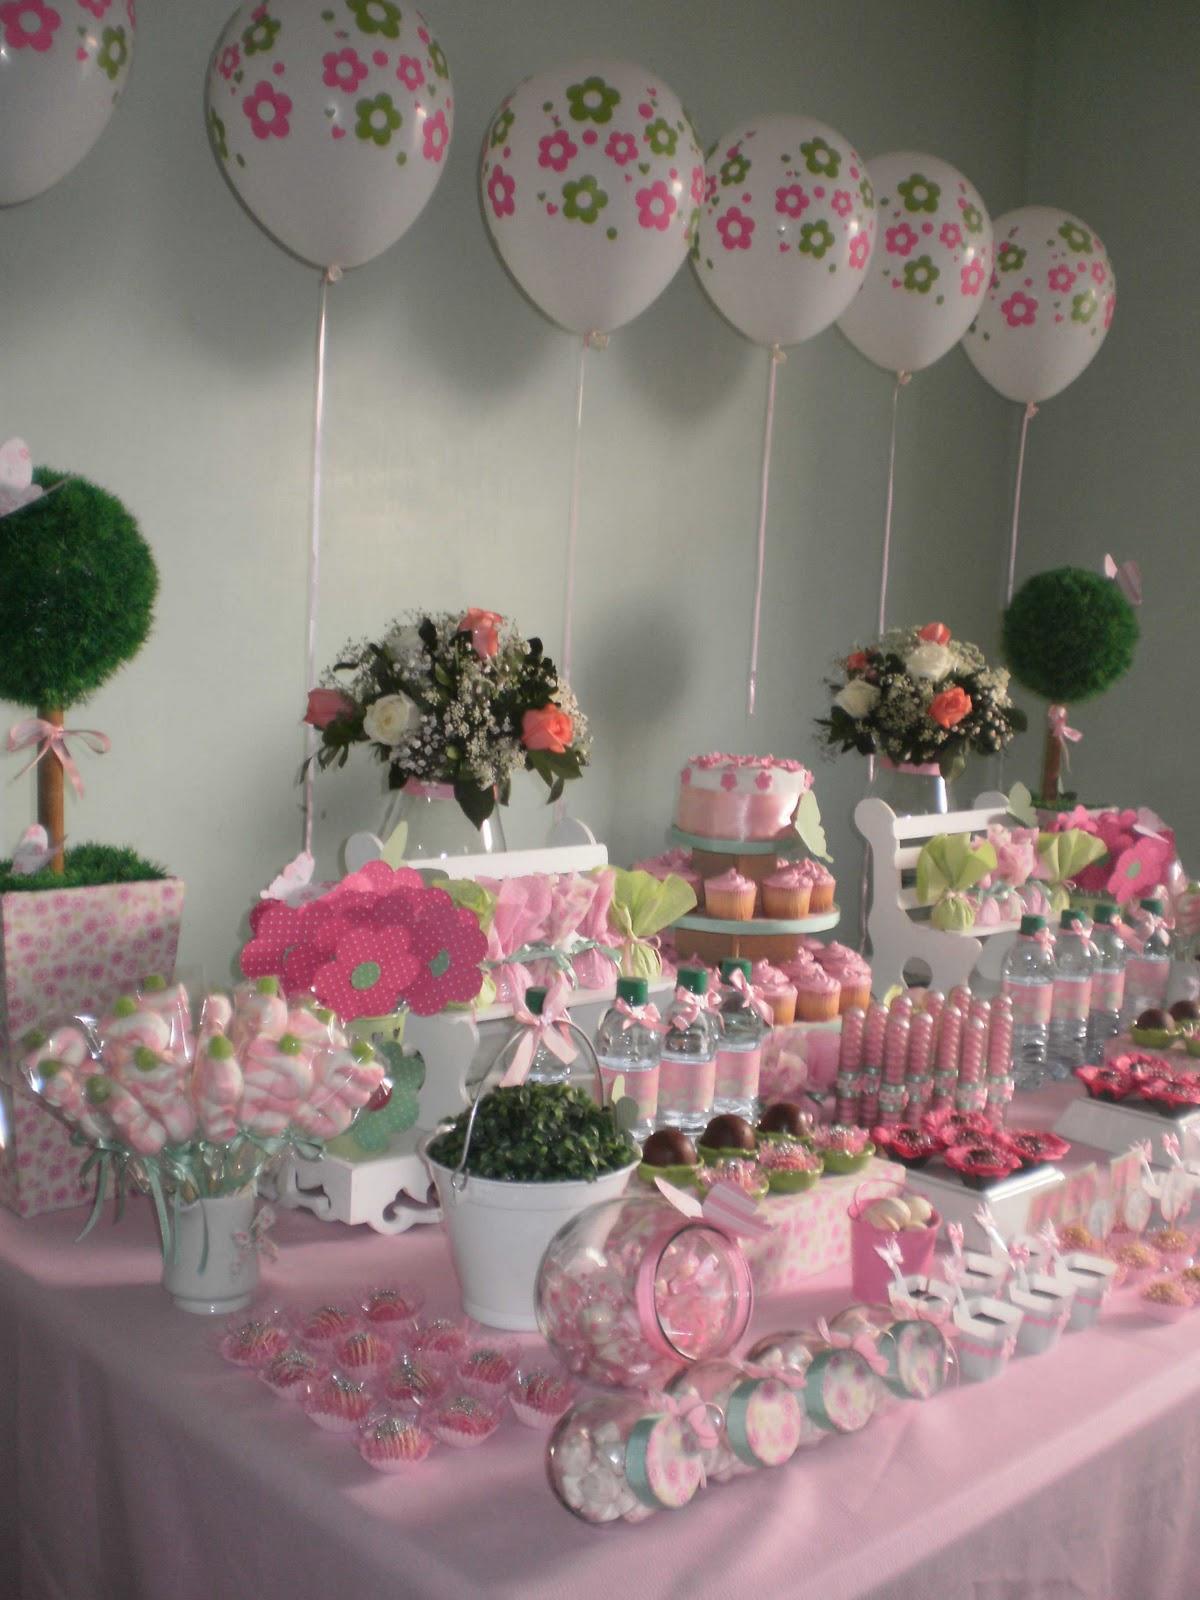 decoracao de aniversario jardim das borboletas: FESTAS BLOG: UMA JARDIM VERDE E ROSA E BORBOLETAS DE MARIA CLARA